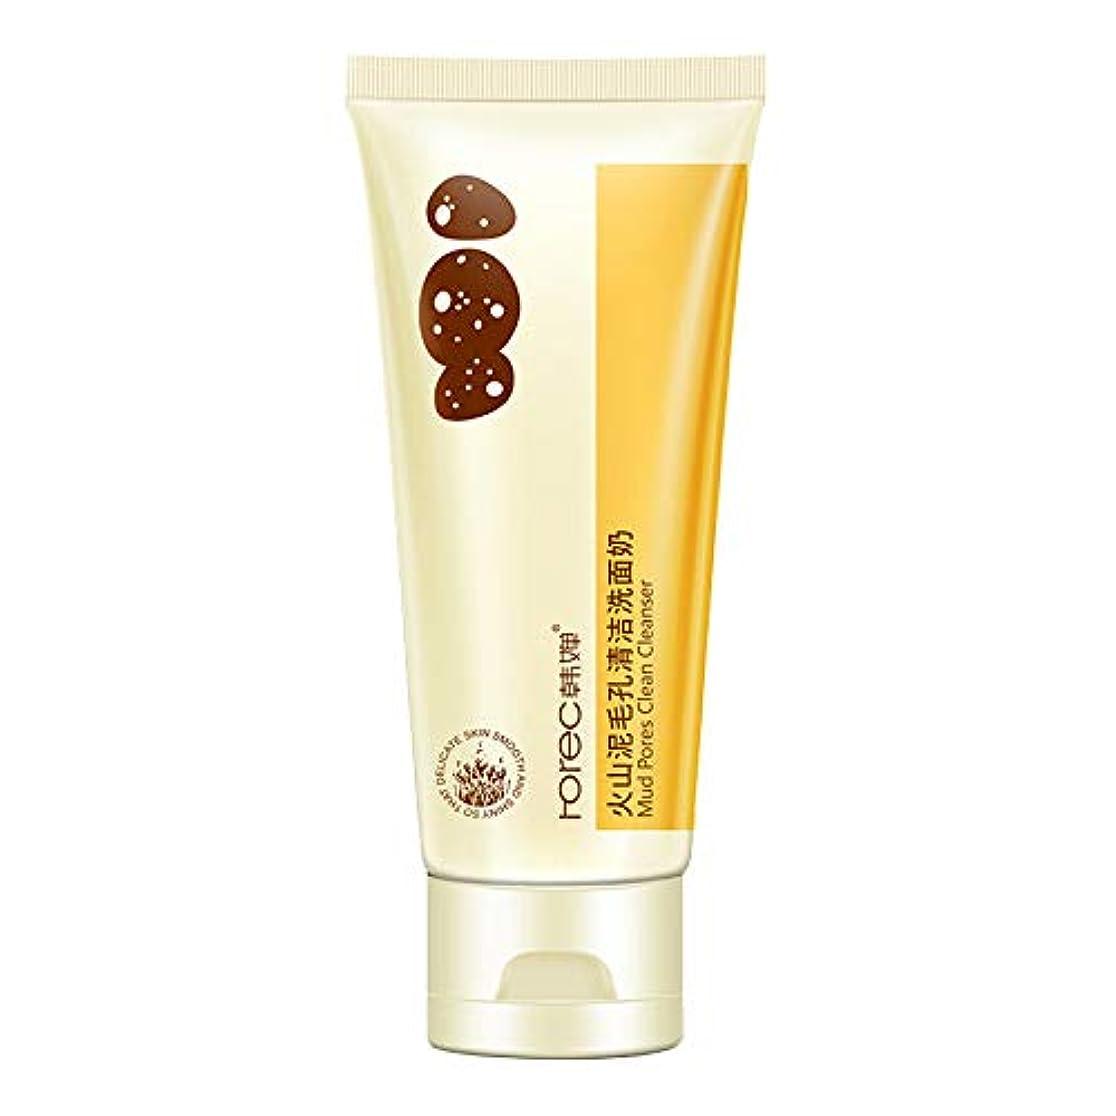 両方憂鬱実験Akane Rorec 顔洗い 深層 清潔 綺麗に 保湿 浄化 角質除去 クレンジング オイルコントロール 火山泥 使いやすい 洗顔料 アロエクリーム NO.HC4328